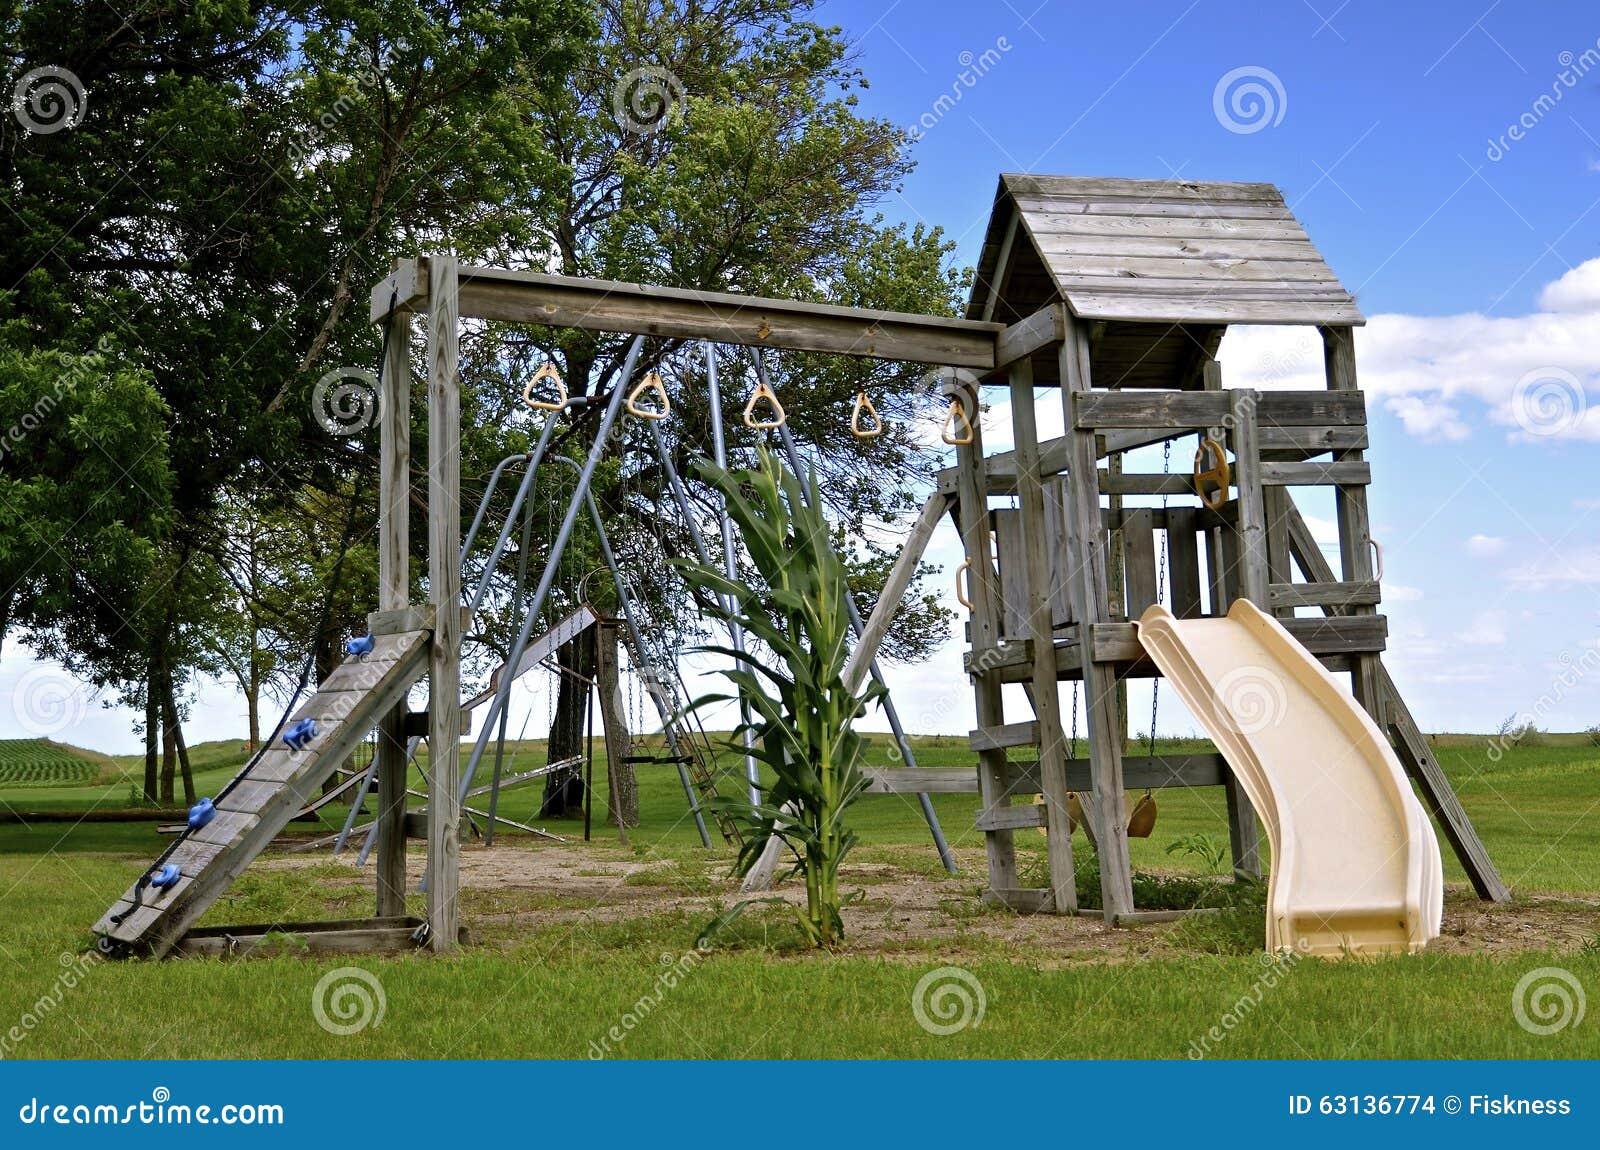 Απομονωμένος μίσχος καλαμποκιού σε ένα πάρκο του εξοπλισμού παιδικών χαρών